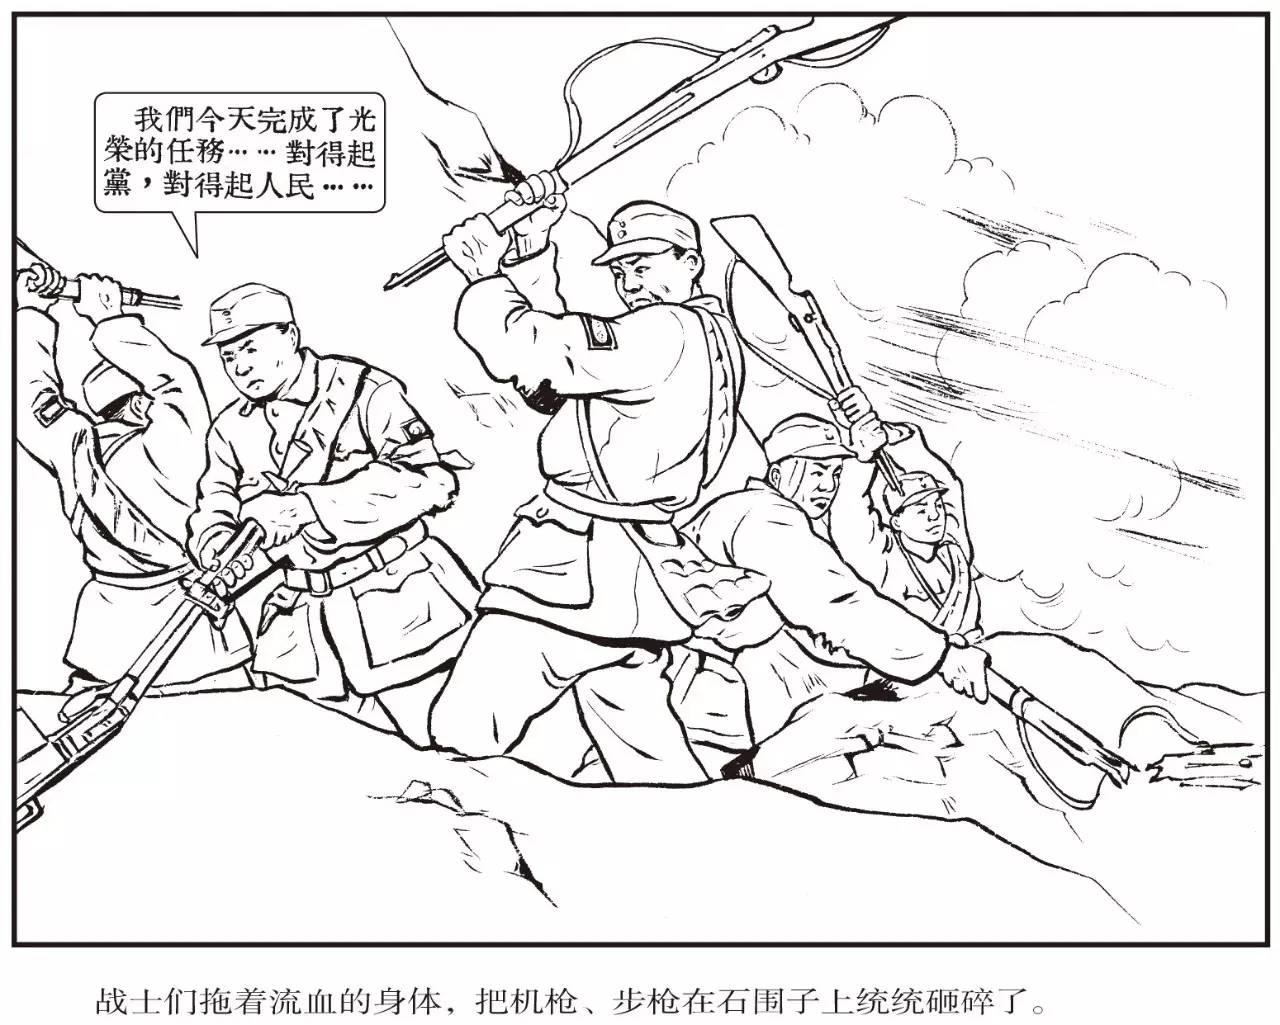 抗日英雄简笔画